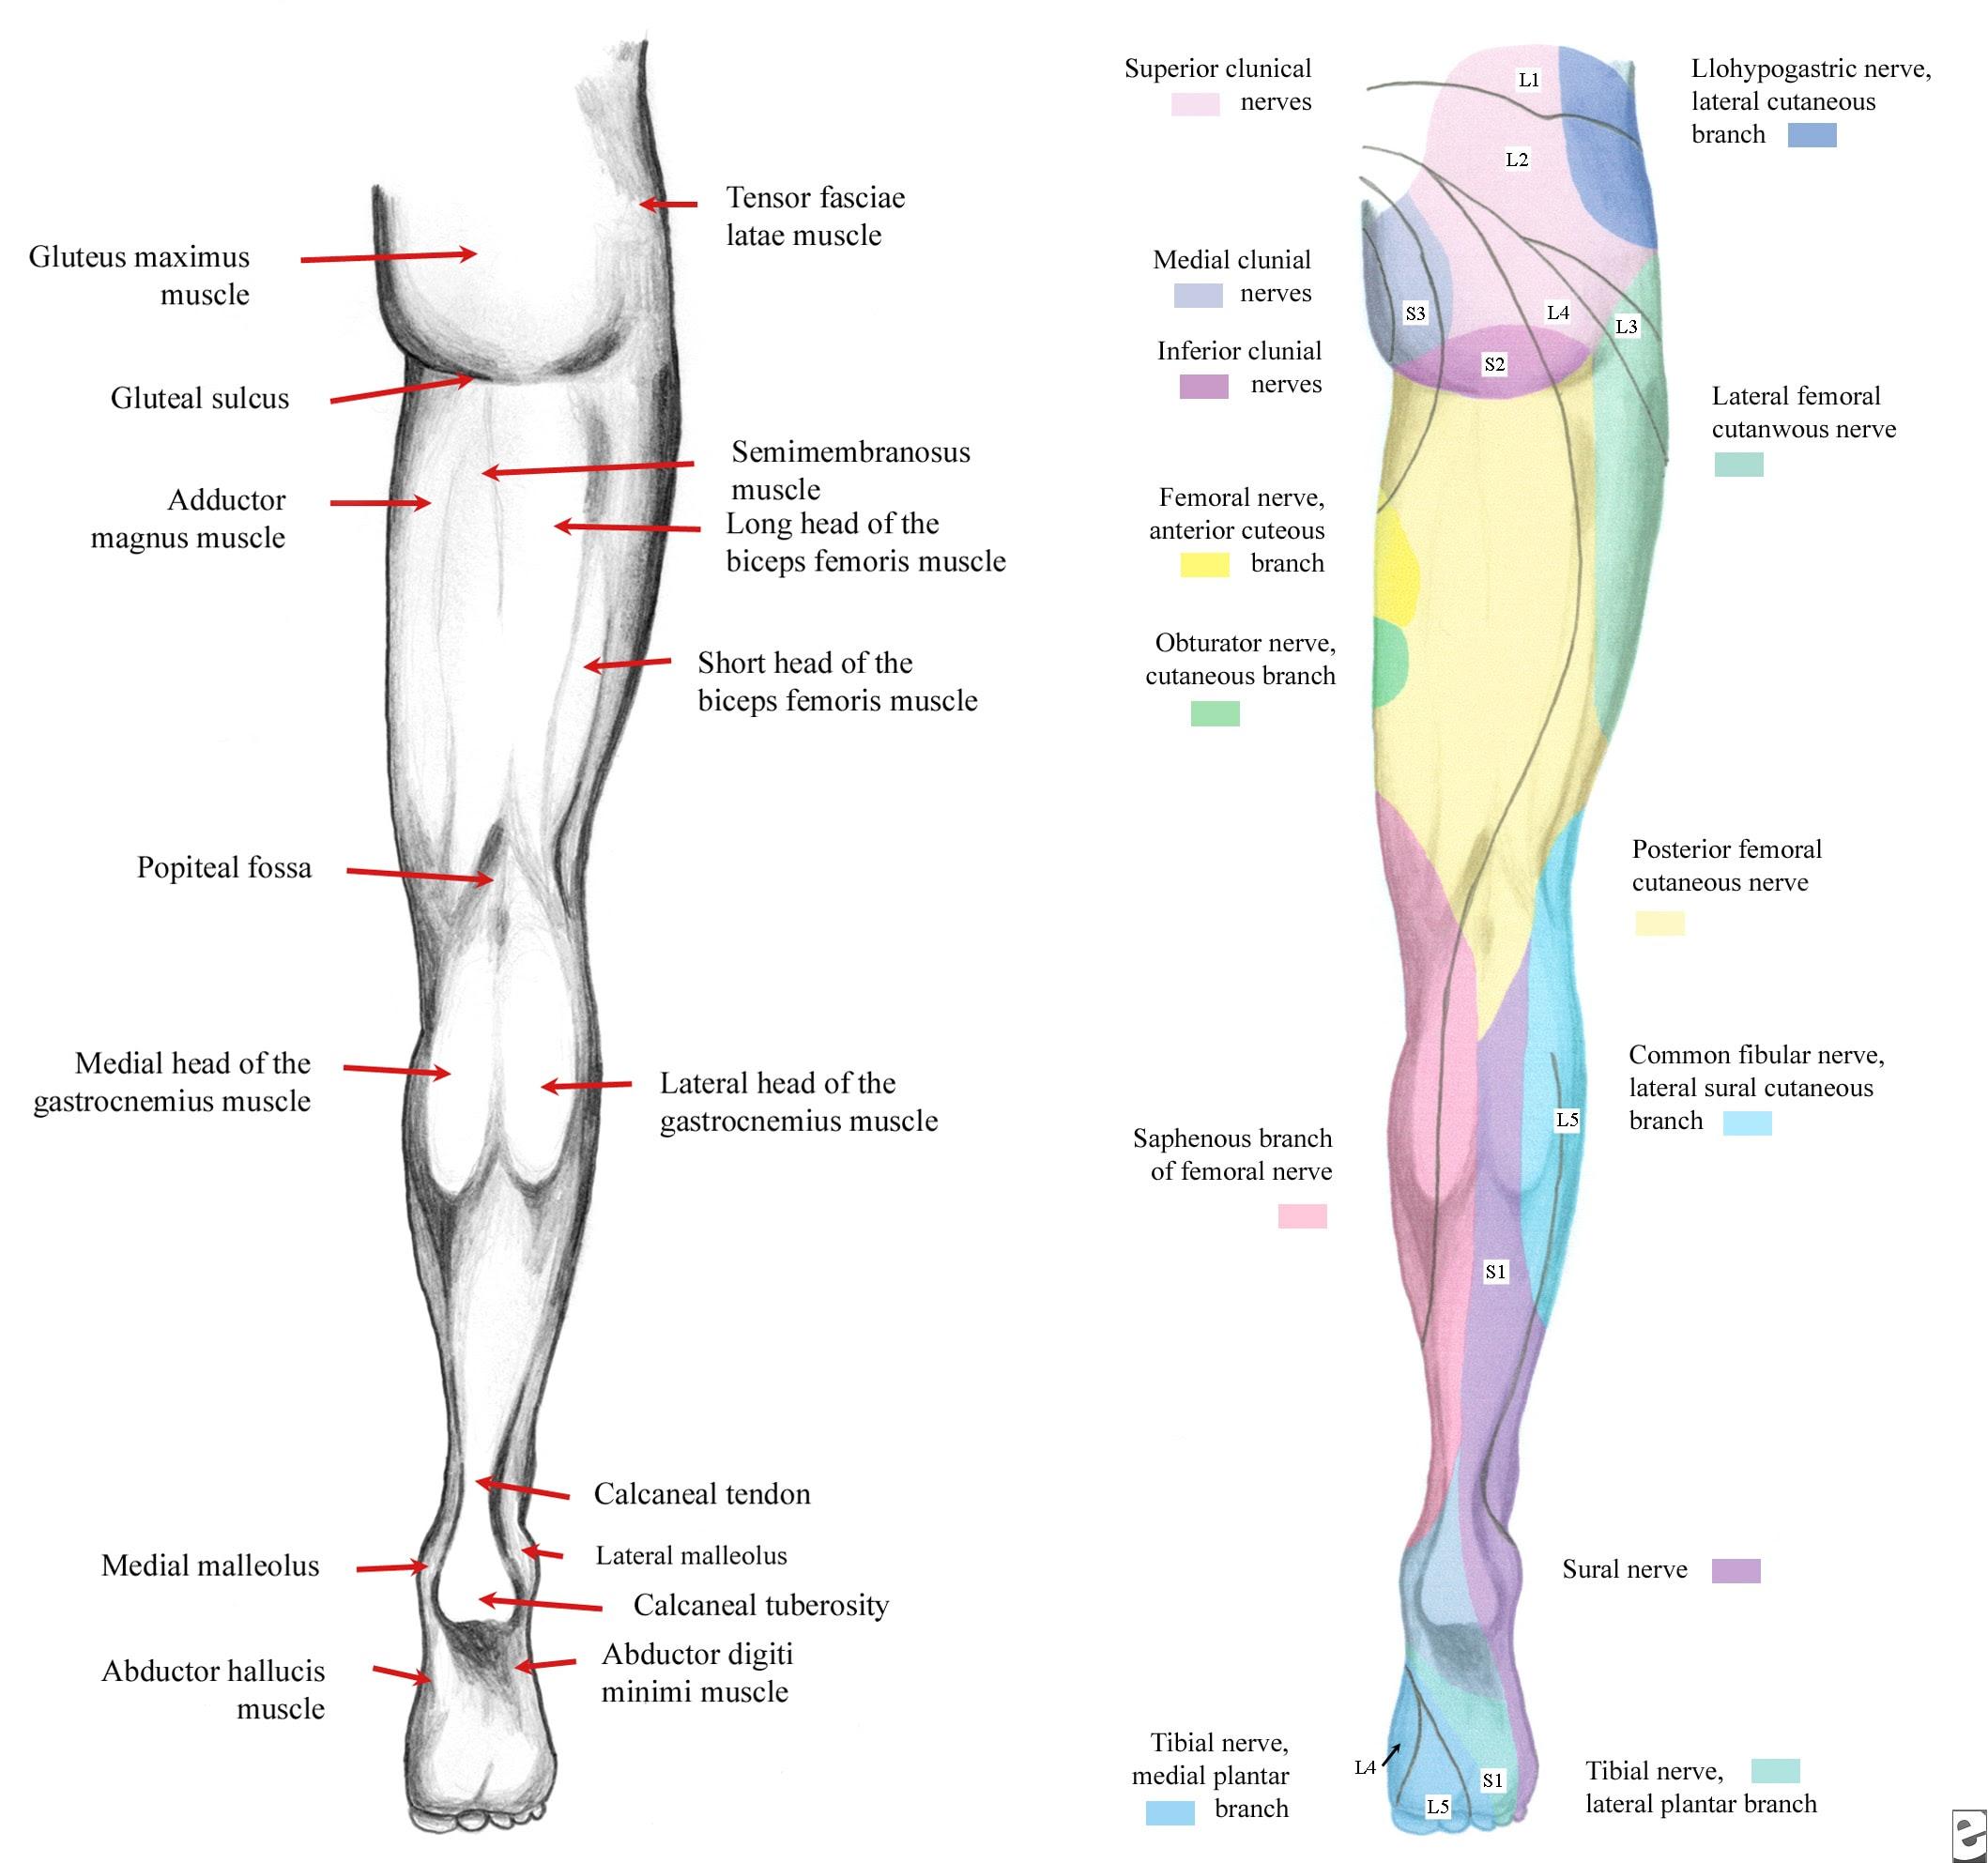 SA Radiology - Human Imaging Anatomy, Physics and Diagnostic Imaging ...